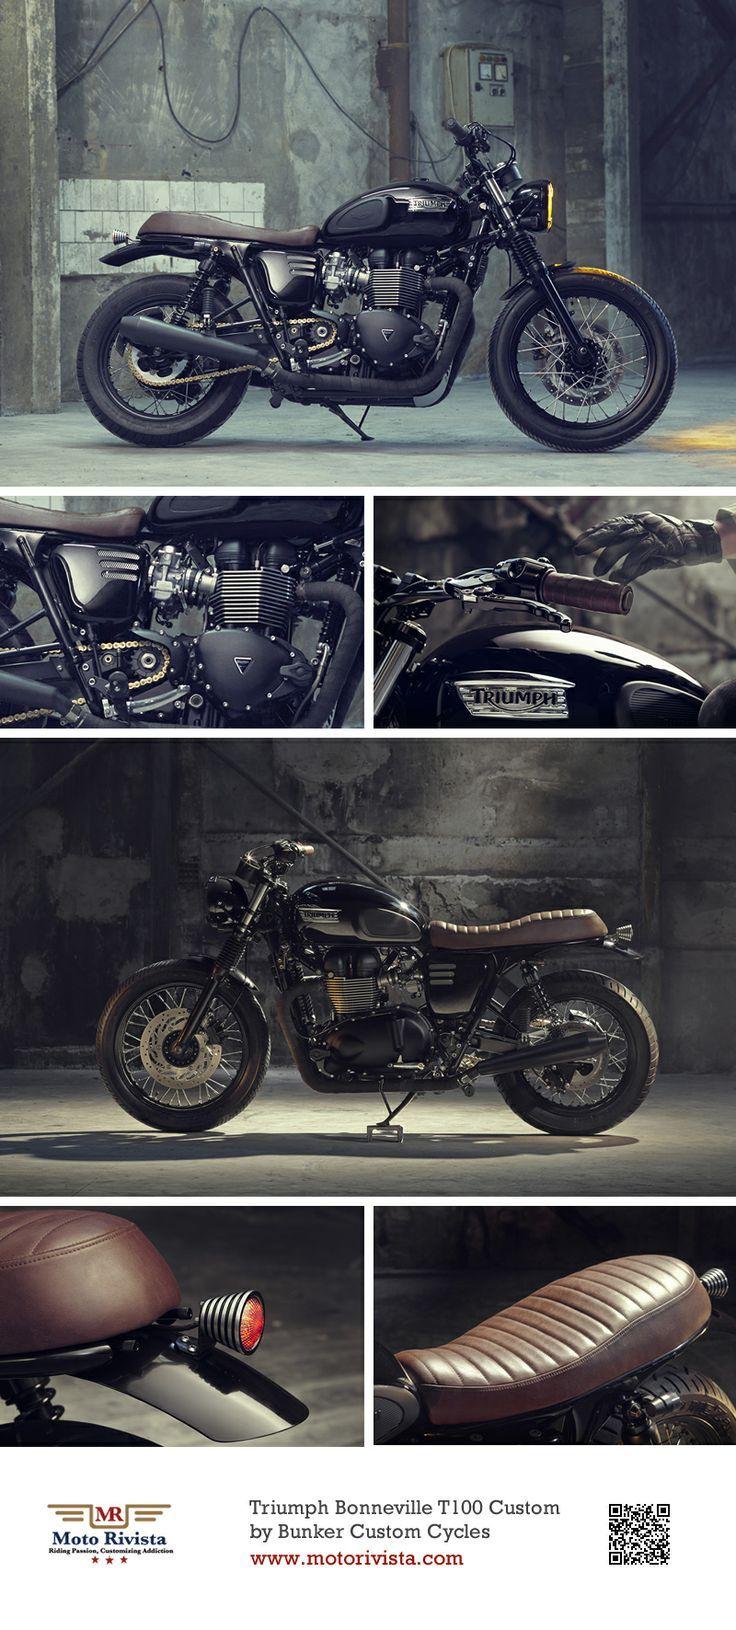 Breathtaking Motorcyclei Photo's @ http://svpicks.com/breathtaking-motorcycle-photos/